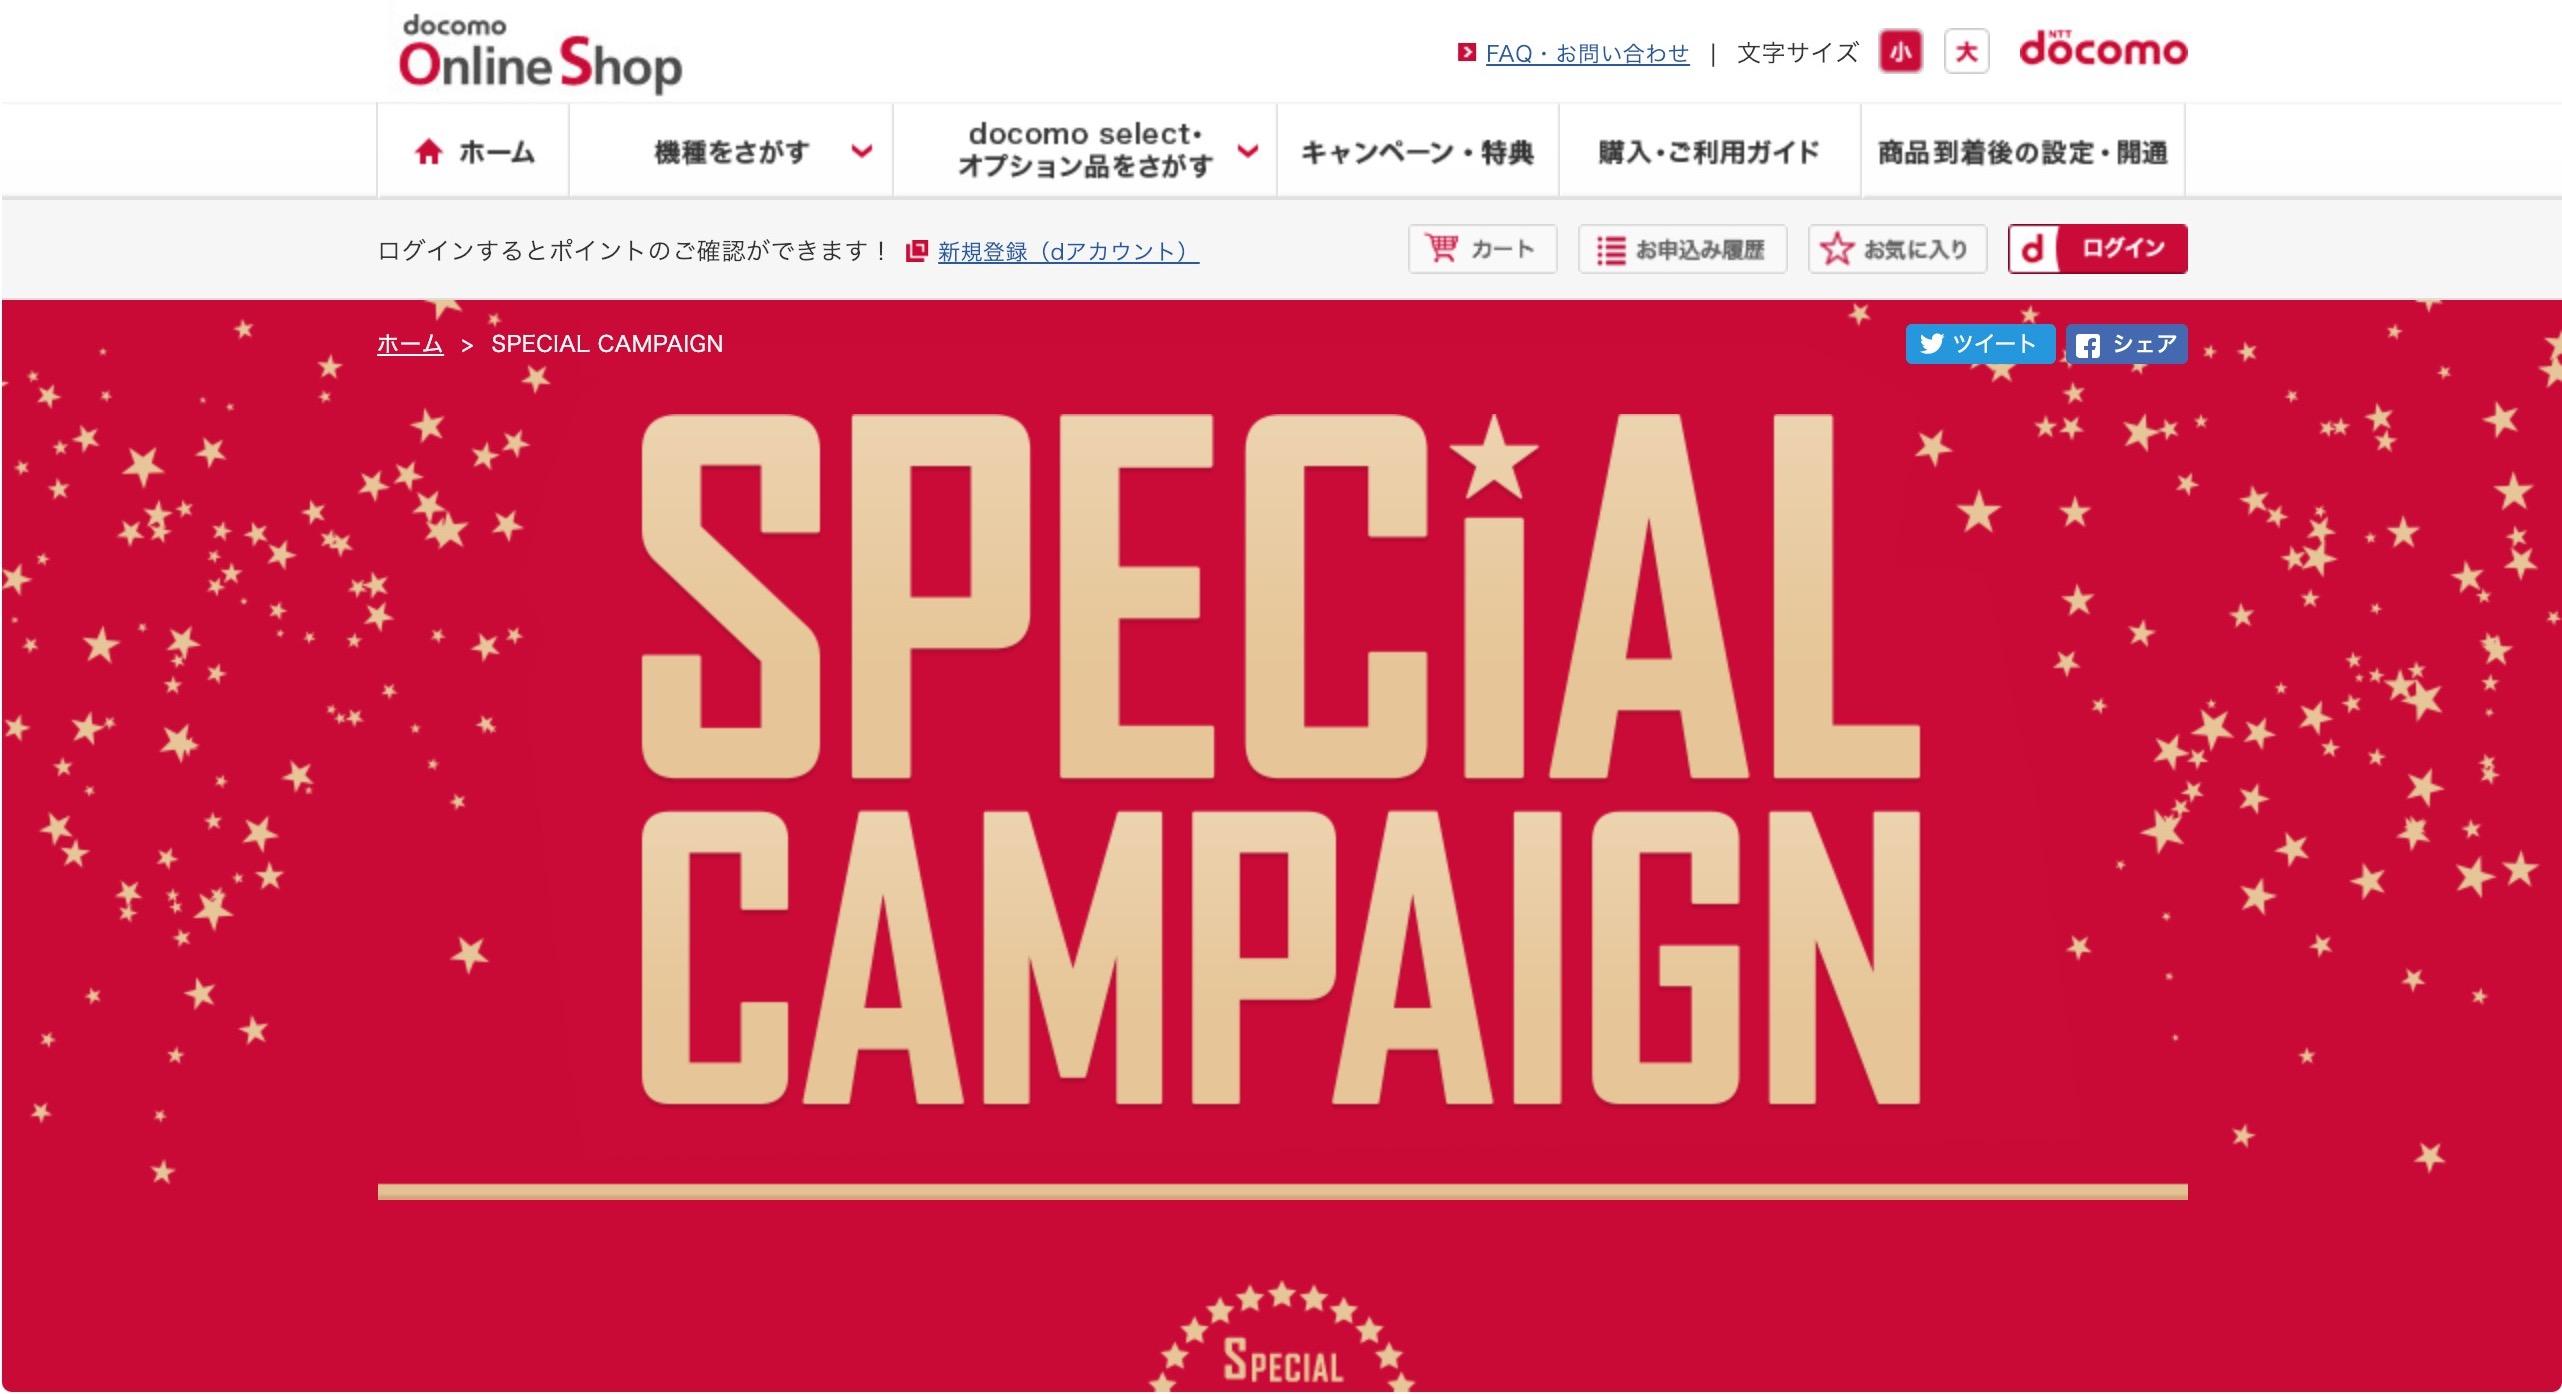 ドコモ、オンライン限定のスペシャルキャンペーン開催。対象機種5,184円オフ、抽選で1万ポイント進呈